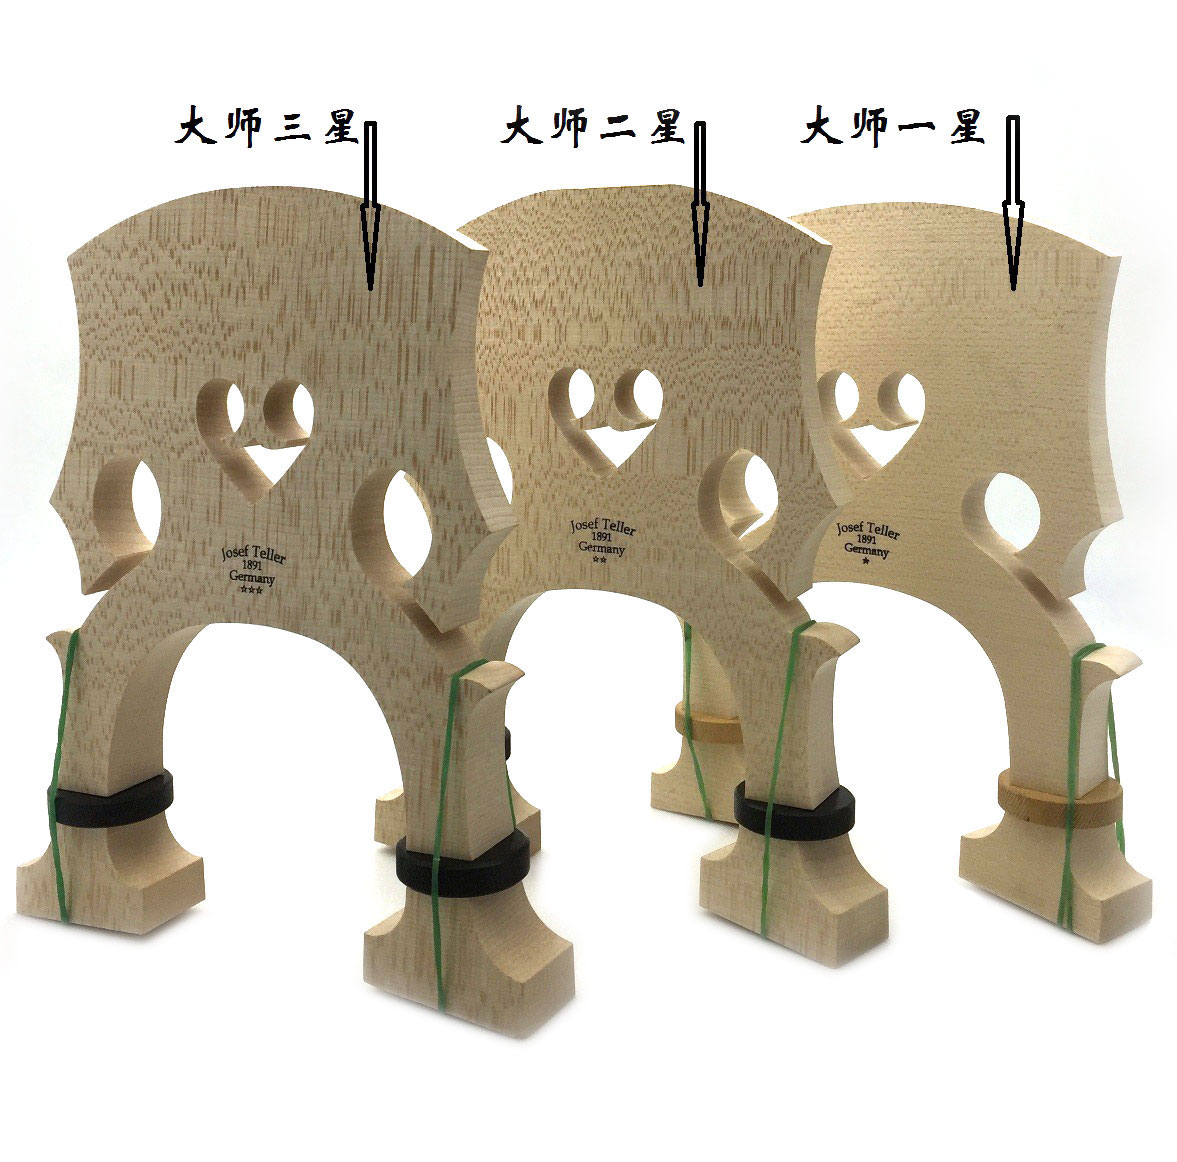 原装进口德国 升降贝司琴码 升降式低音提琴码